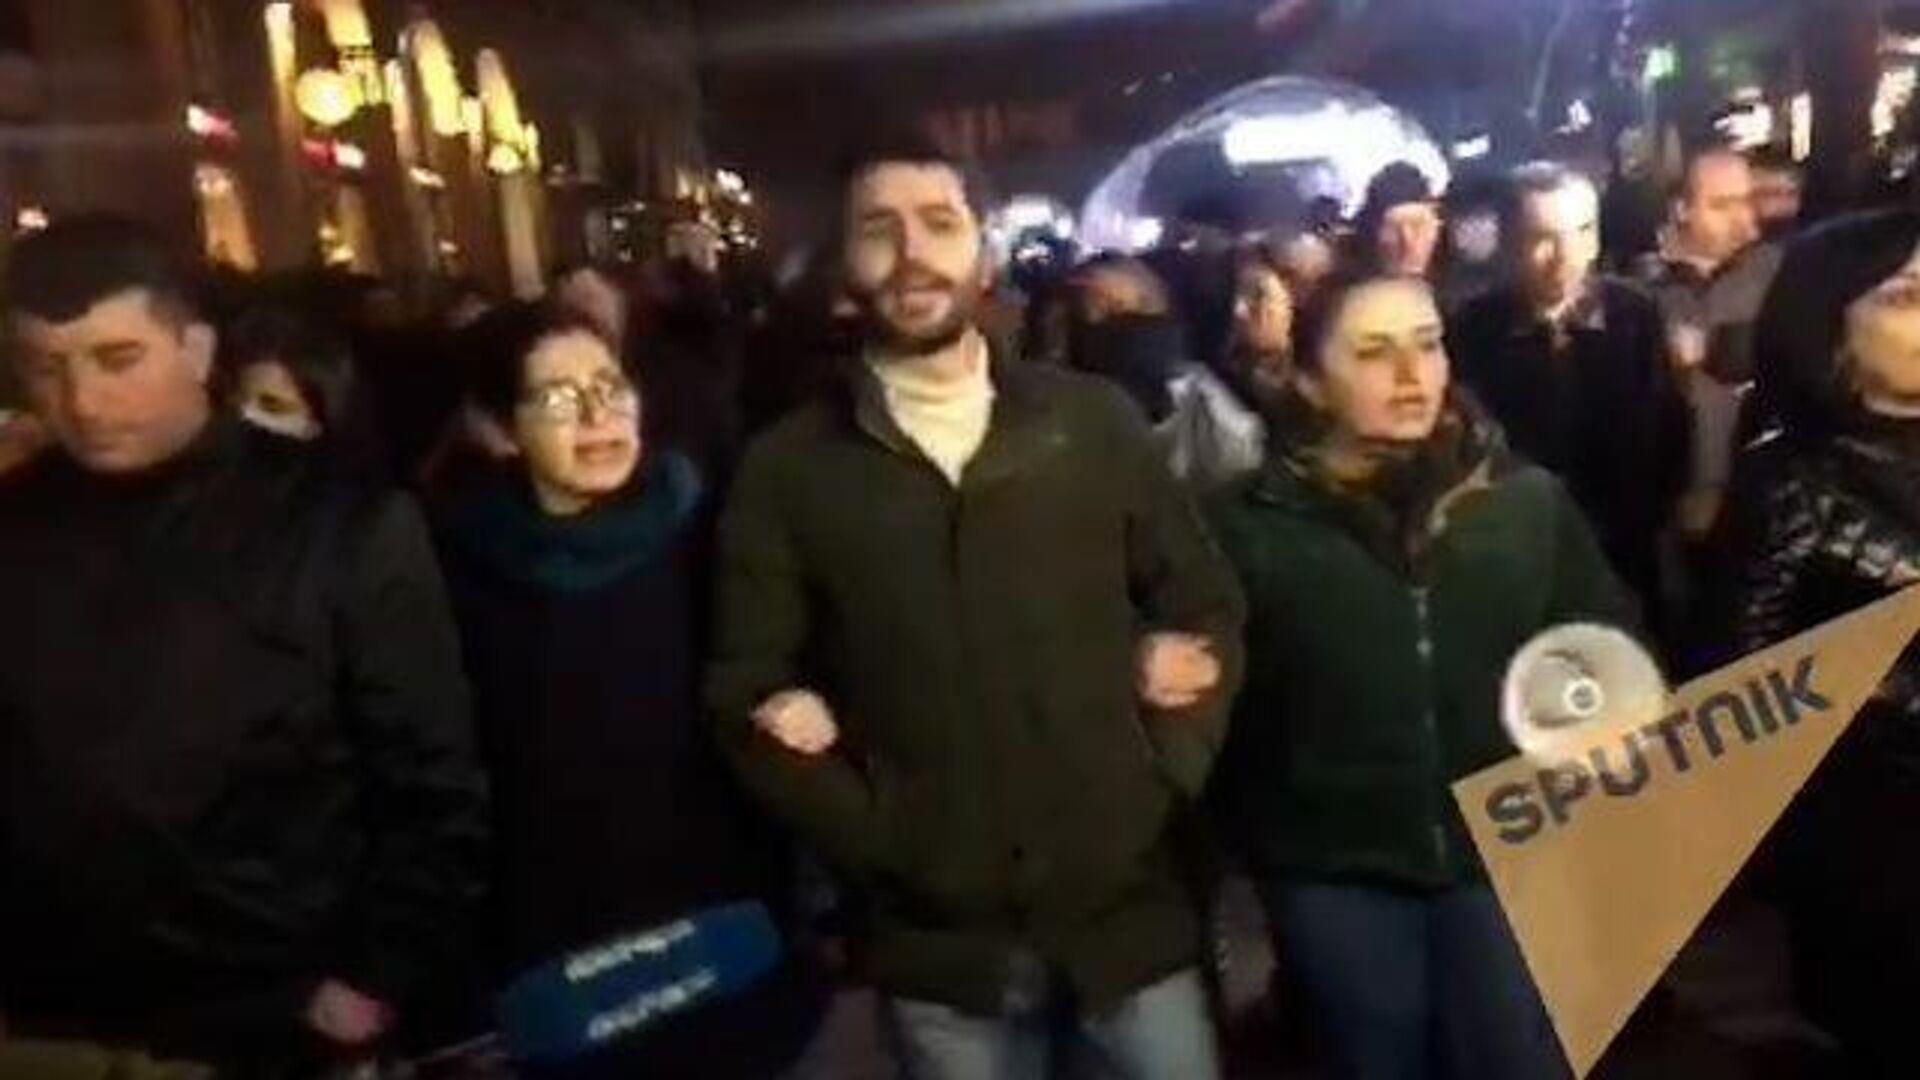 Протестующие в Ереване поют во время шествия по центральным улицам  - РИА Новости, 1920, 01.12.2020